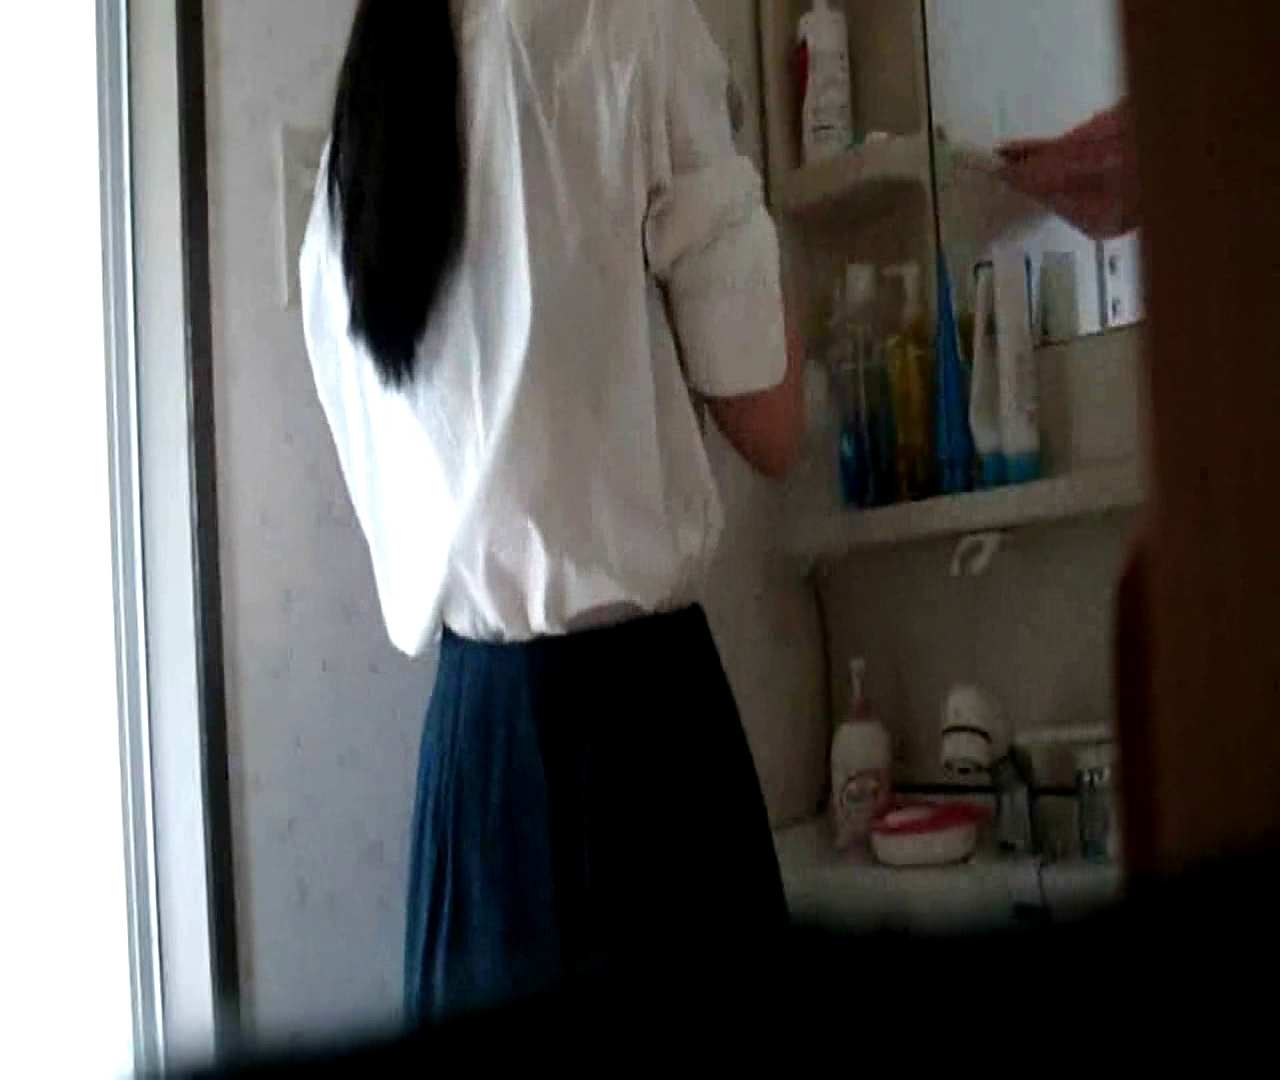 二人とも育てた甲斐がありました… vol.02 まどかの朝の着替え HなOL   女子着替え  67pic 15